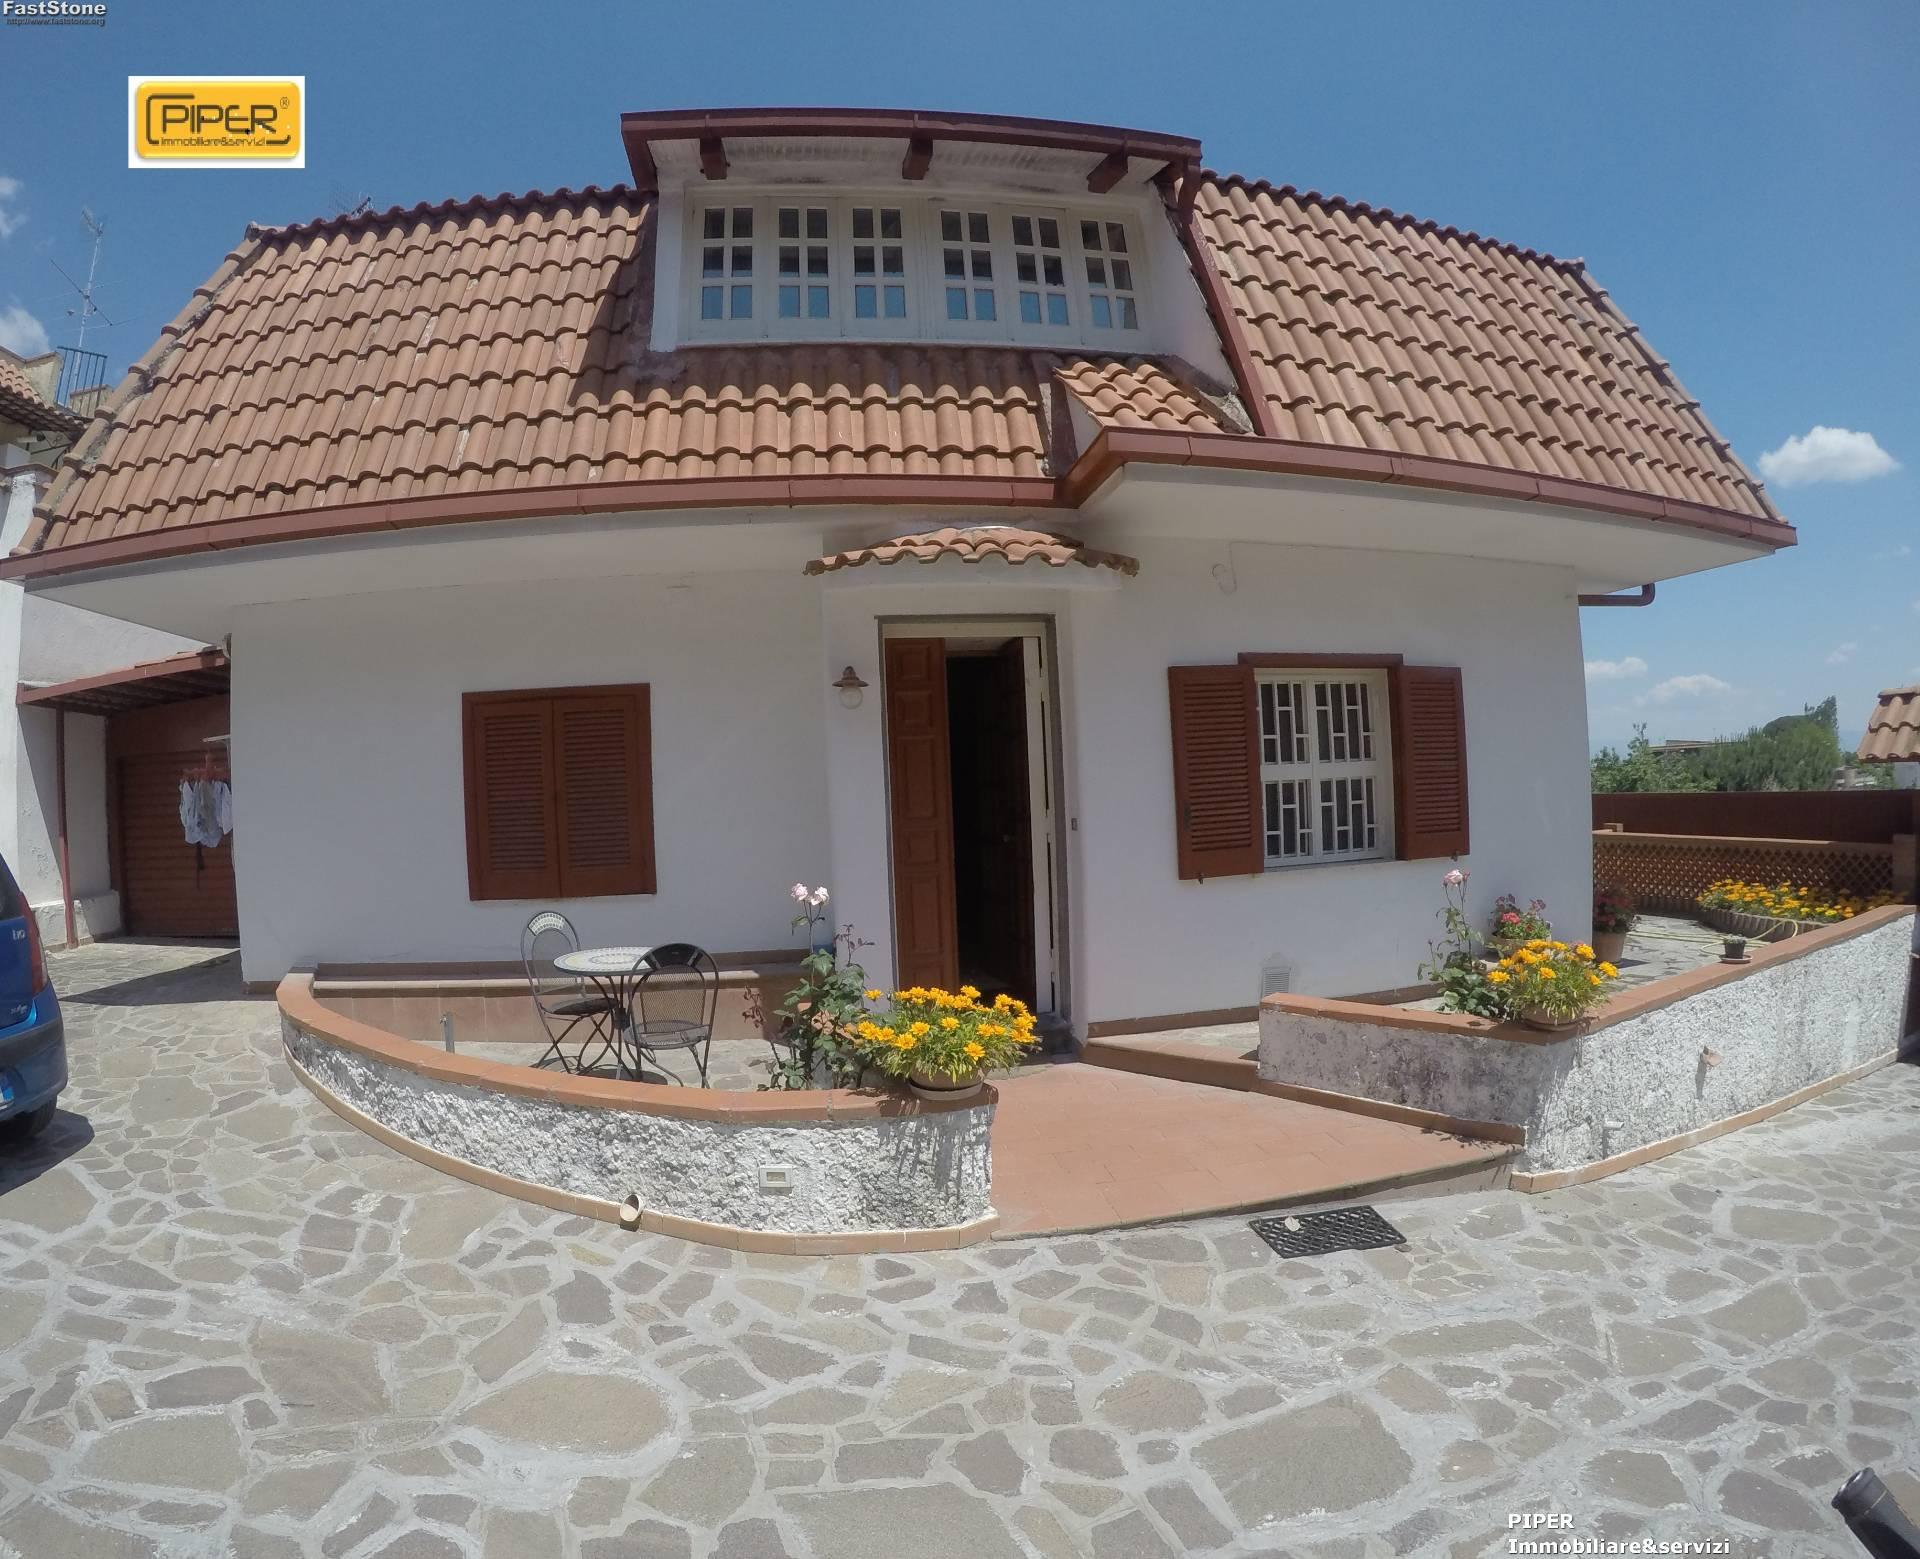 Villa in vendita a Napoli, 11 locali, zona Zona: 8 . Piscinola, Chiaiano, Scampia, prezzo € 450.000 | Cambio Casa.it